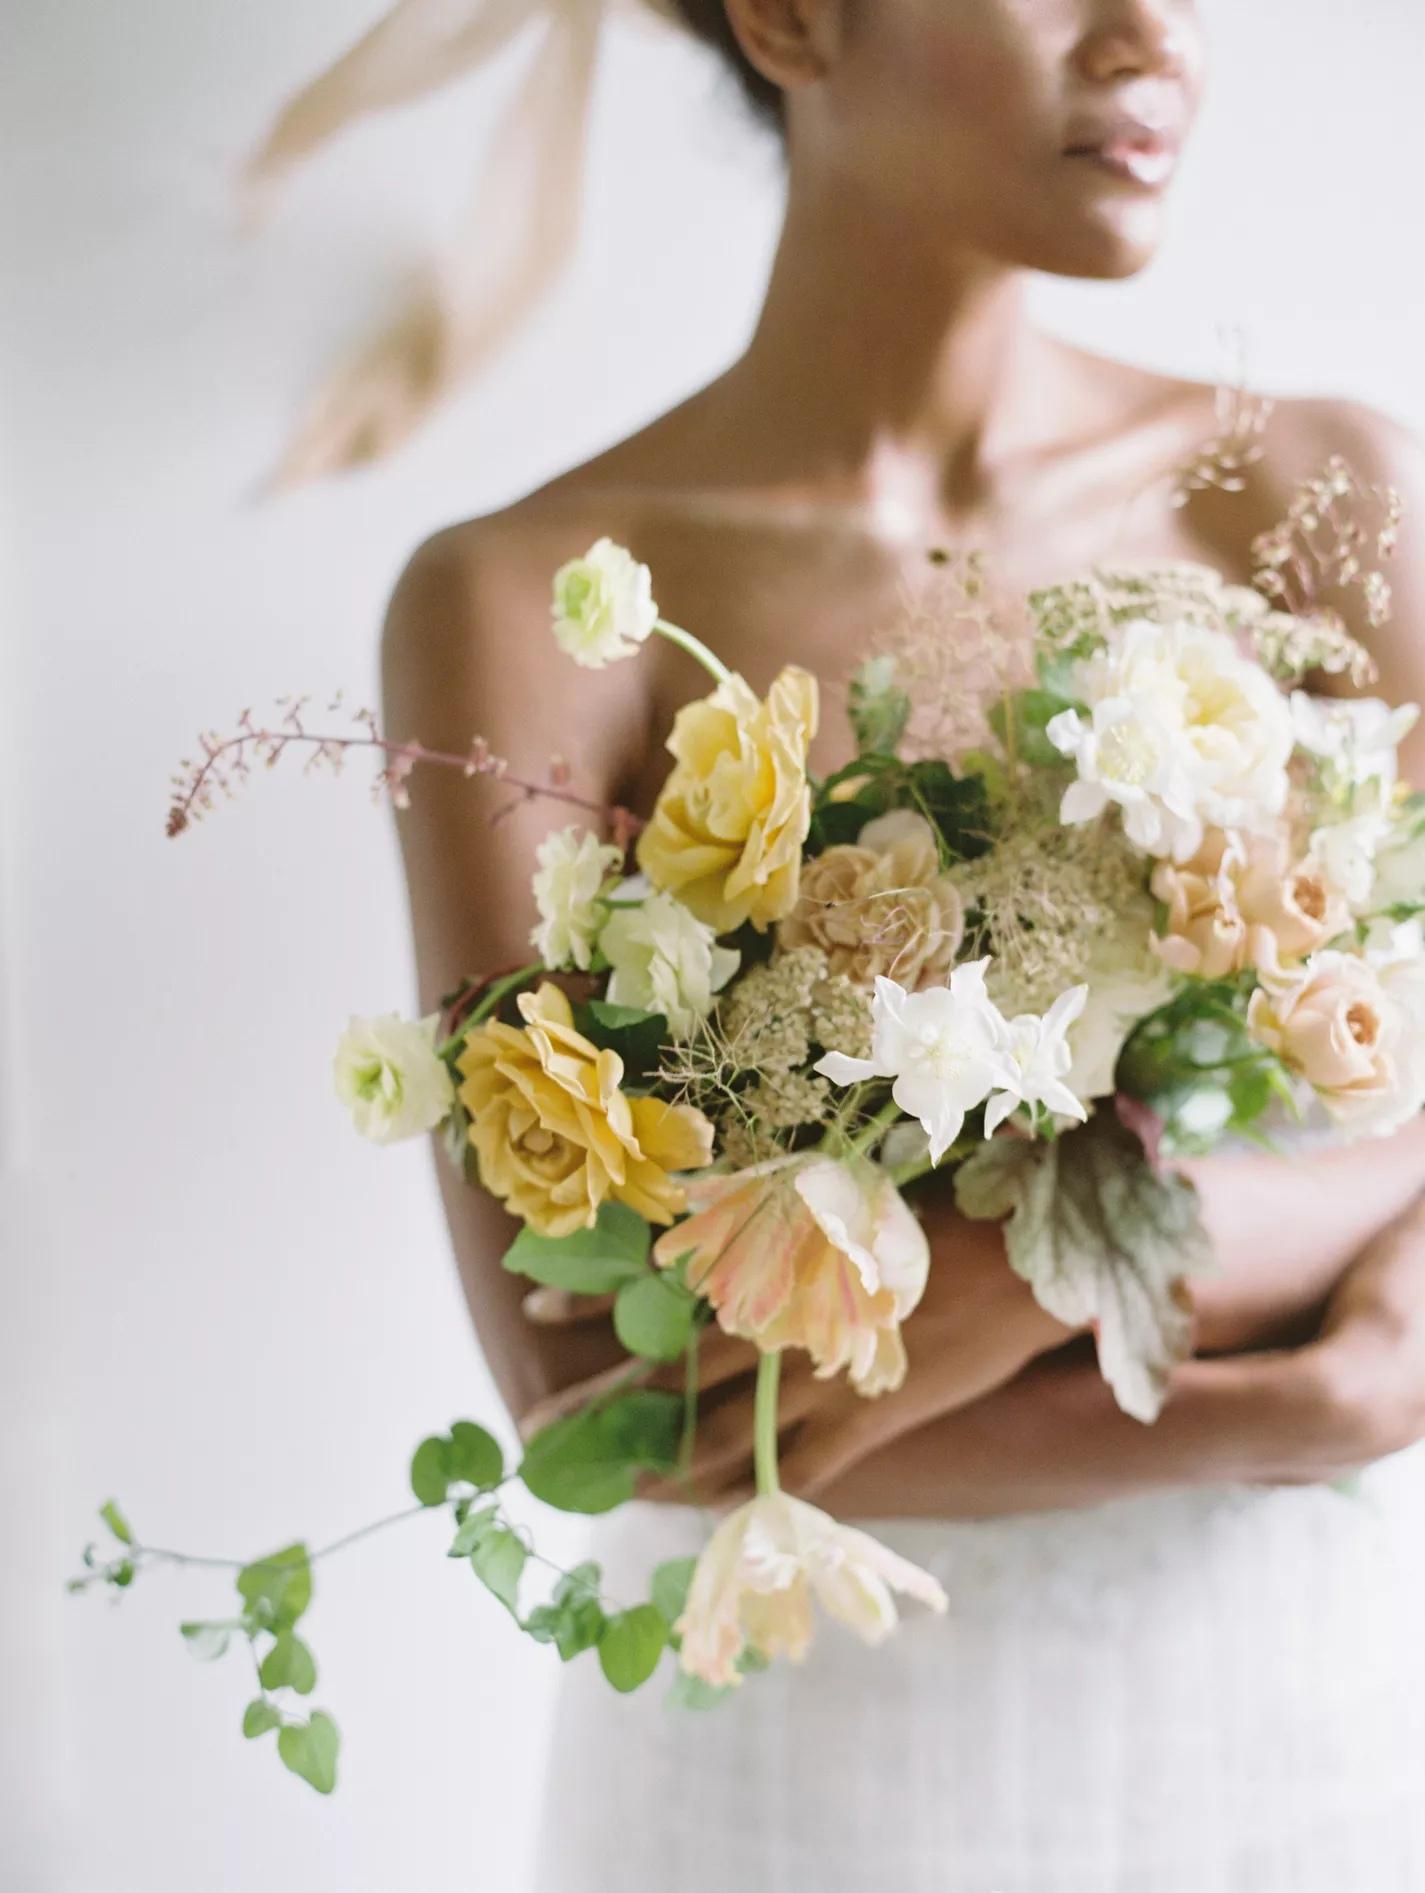 zSywJf A4po - Букет невесты из тюльпанов